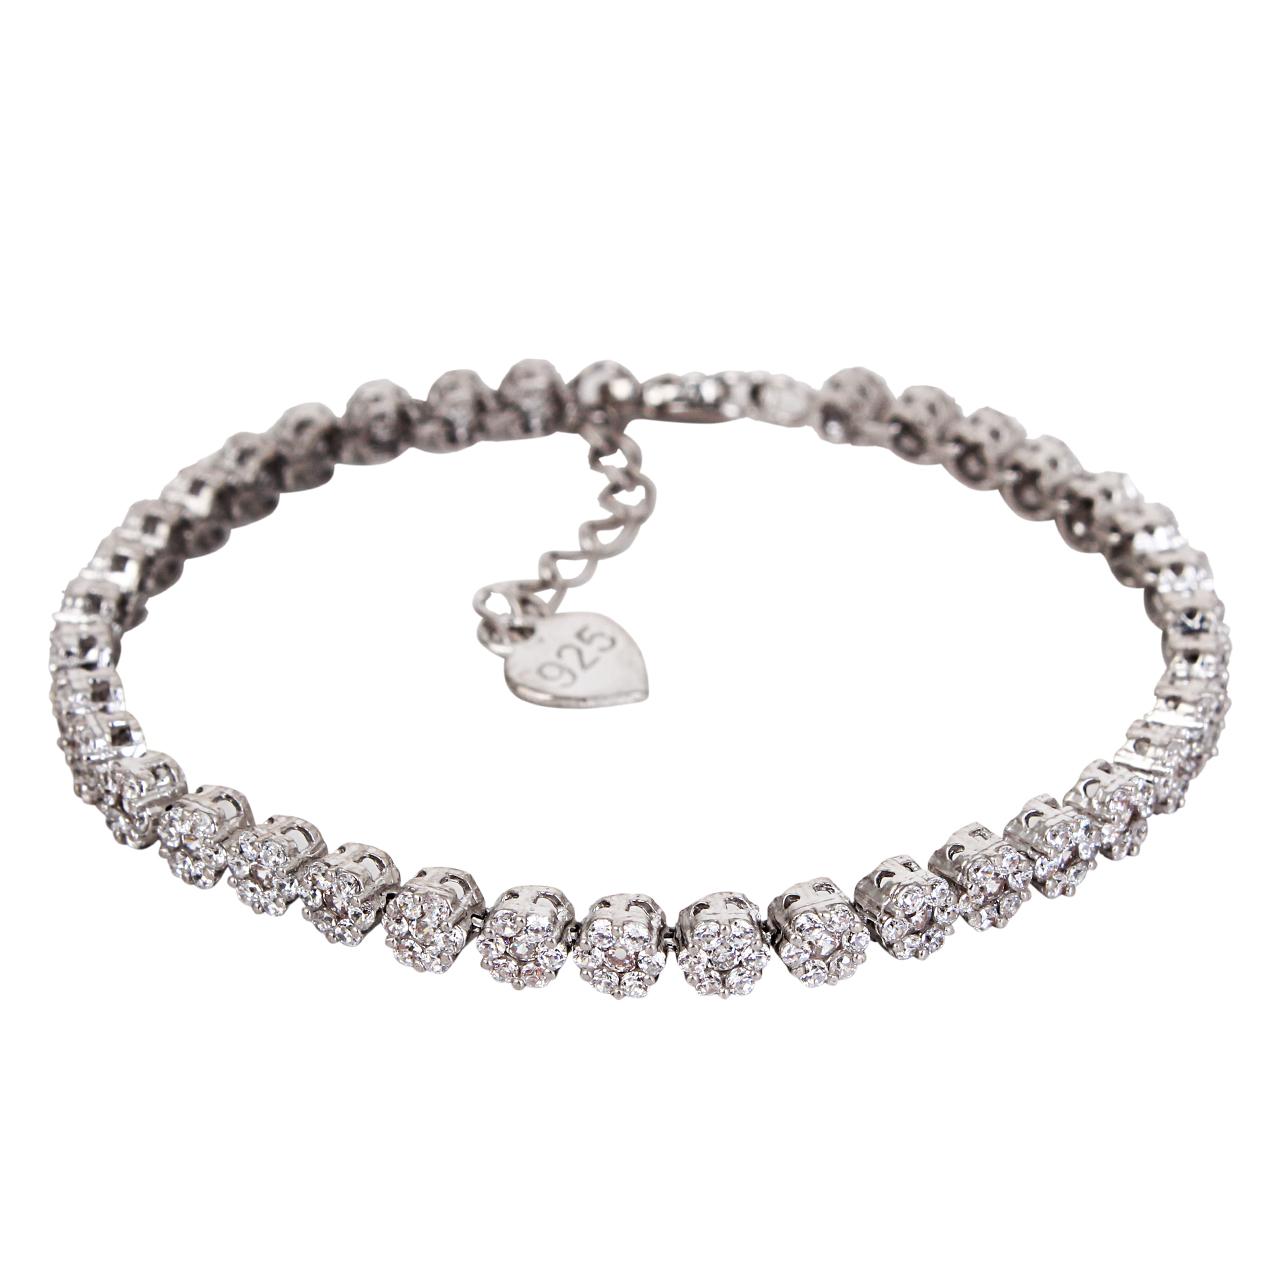 قیمت دستبند نقره زنانه مدوکلاس کد 180385